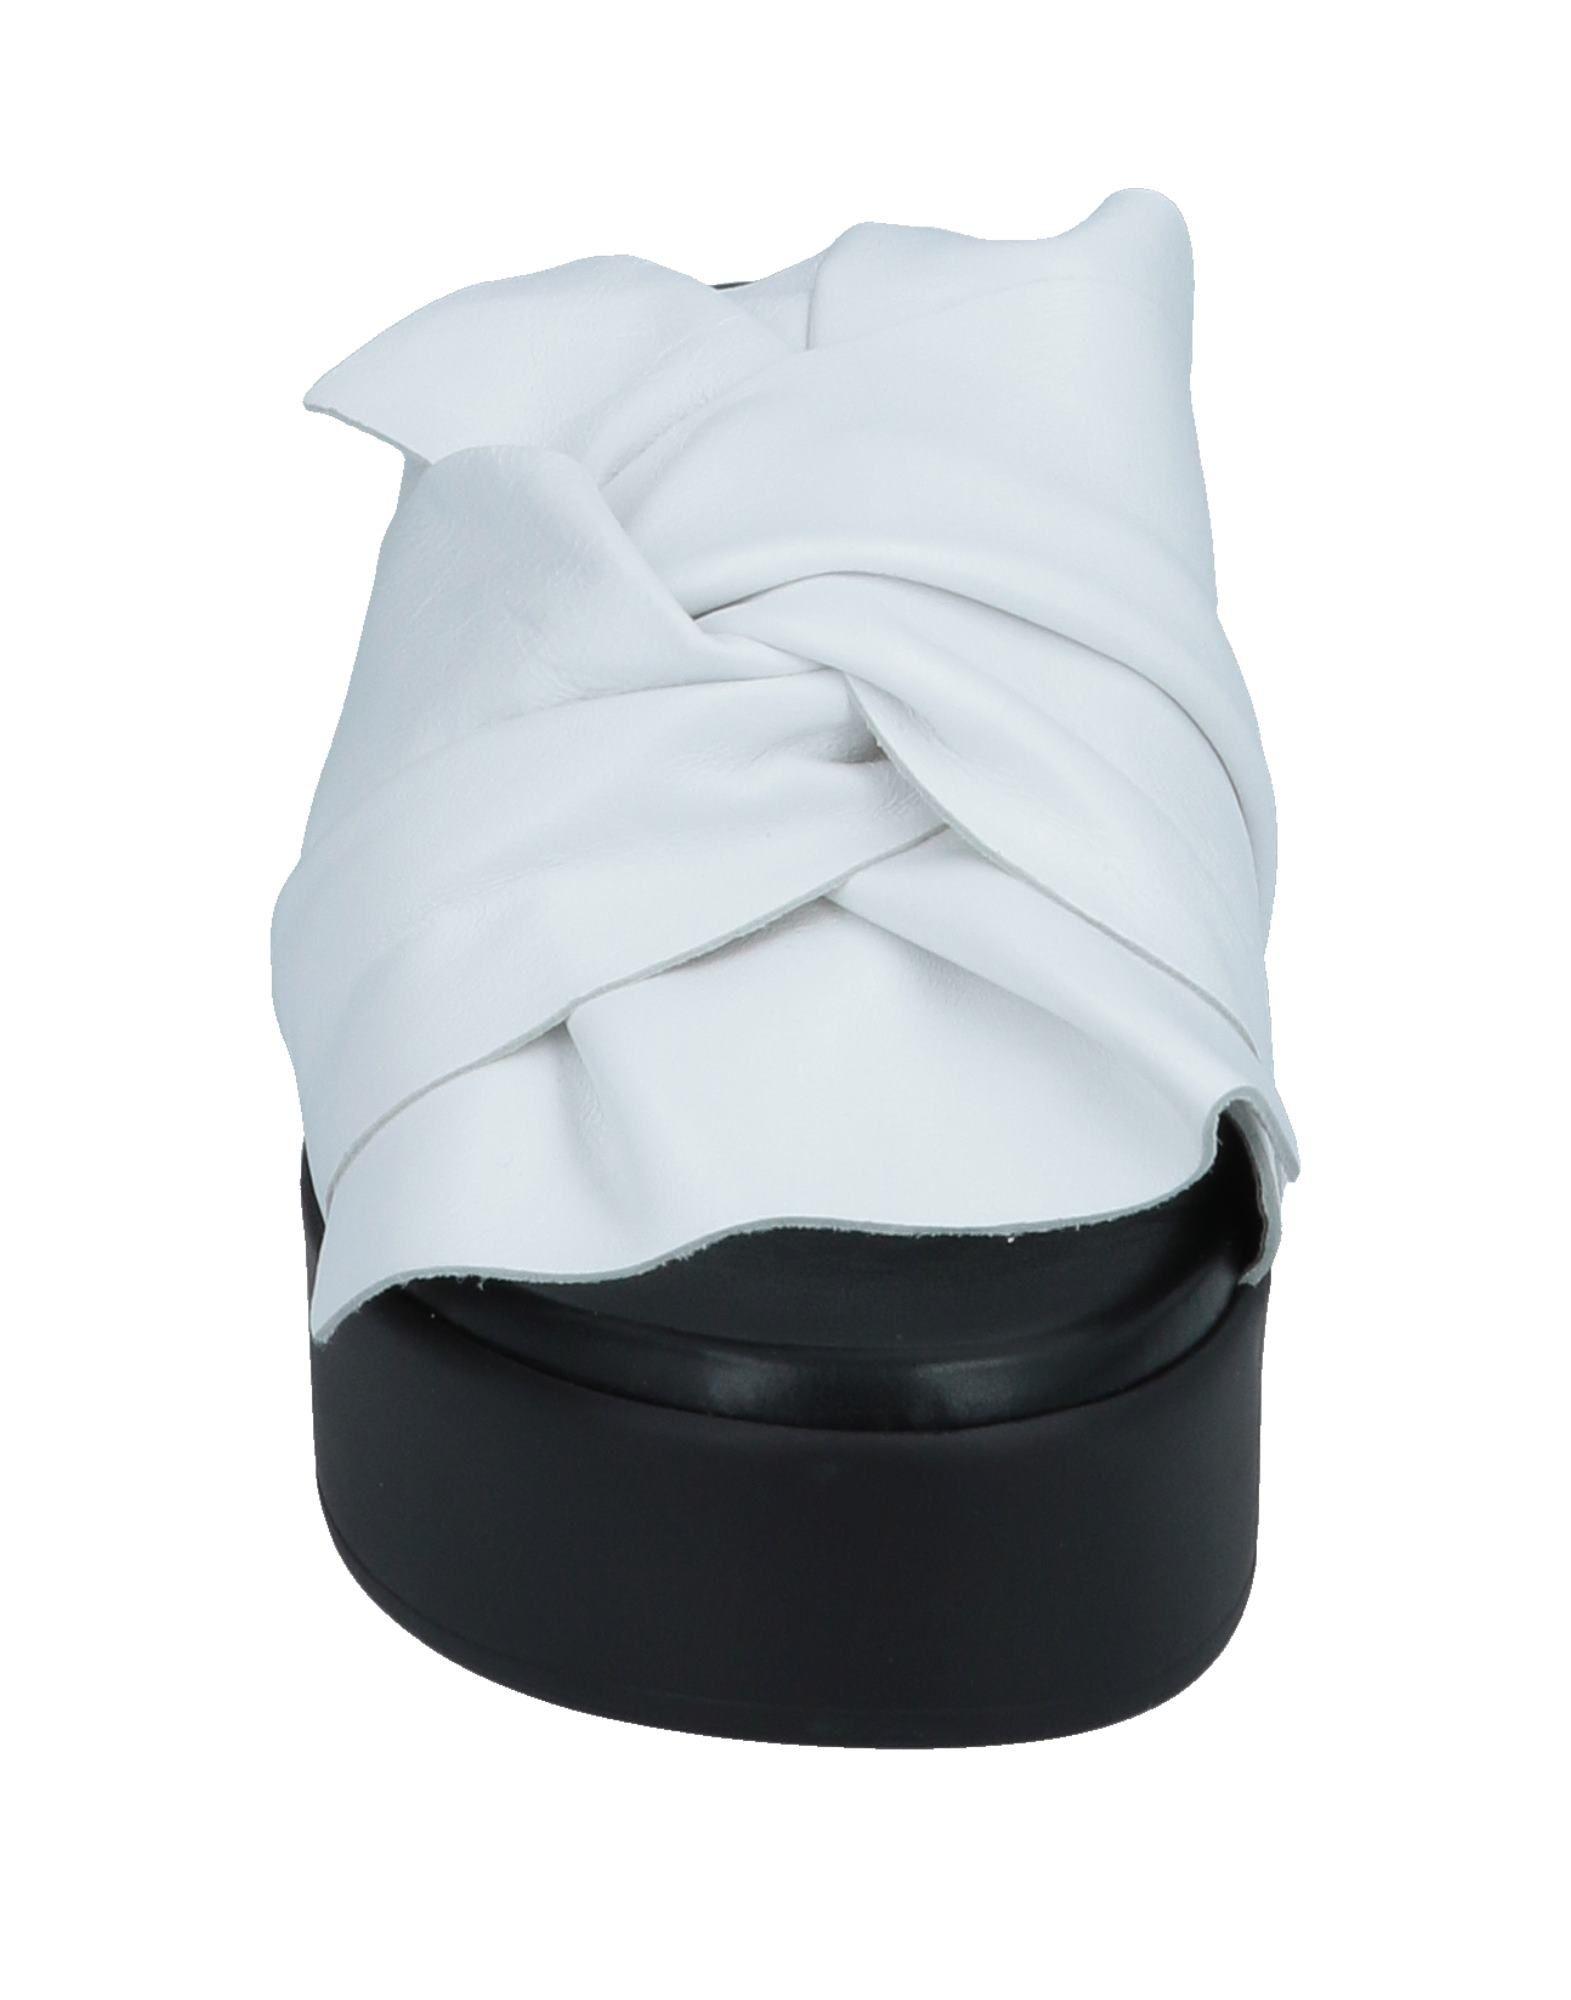 ovye & # # # 39; par cristina lucchi sandales - femmes ovye & # 39; par cristina lucchi sandales en ligne sur l'australie - 11563898ge e24857